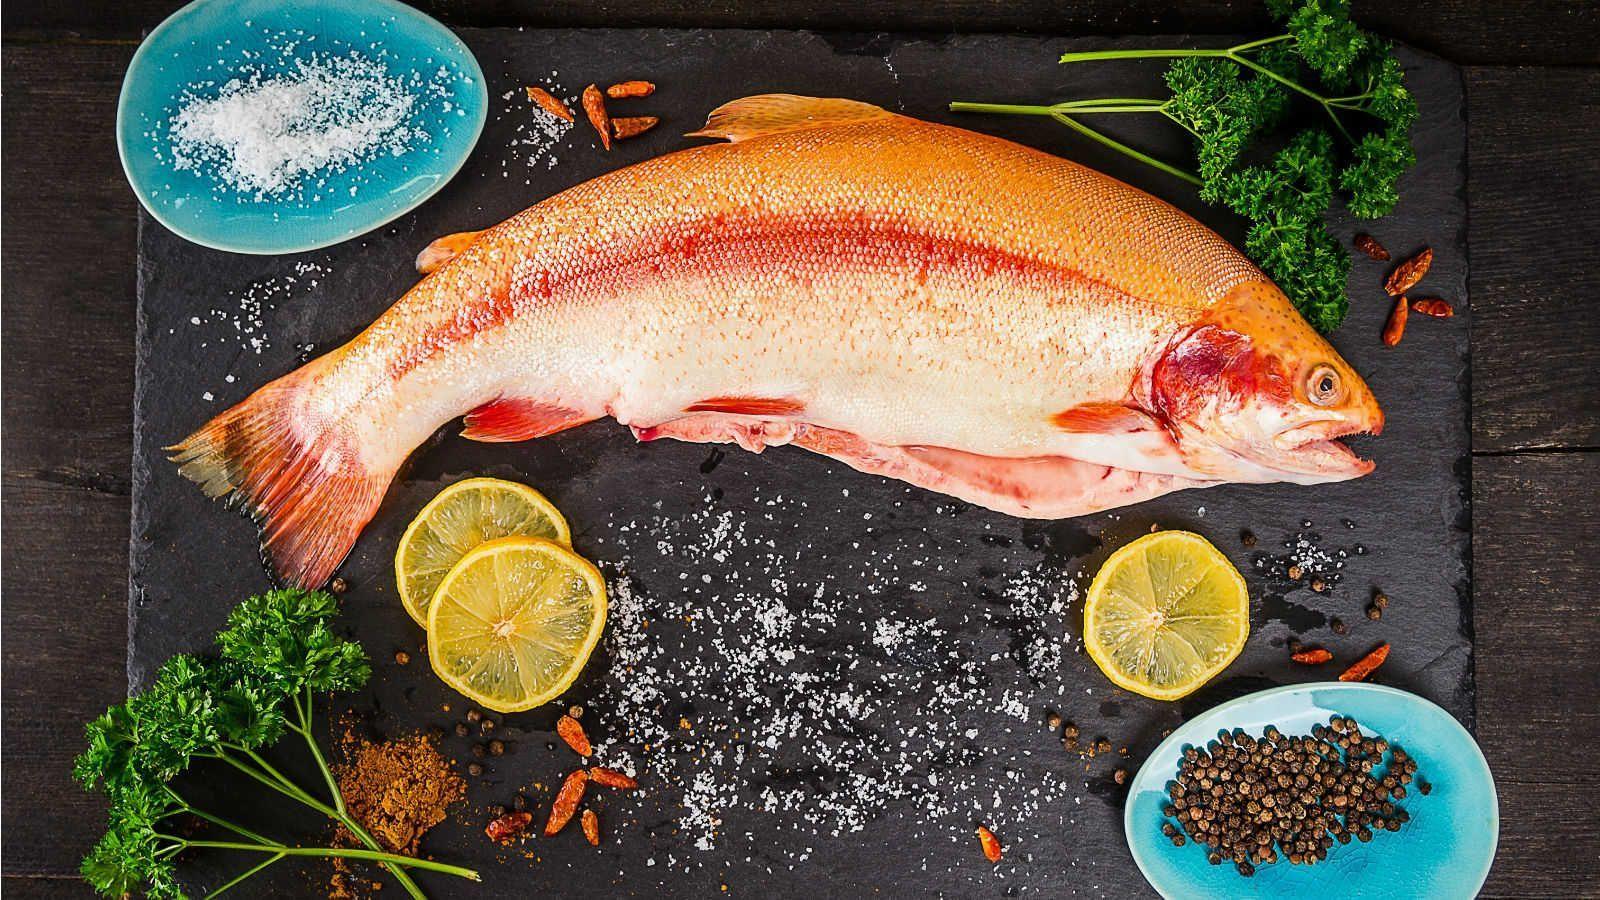 Peixes também são frutos do mar e seu tempo de cozimento varia de acordo com a espécie